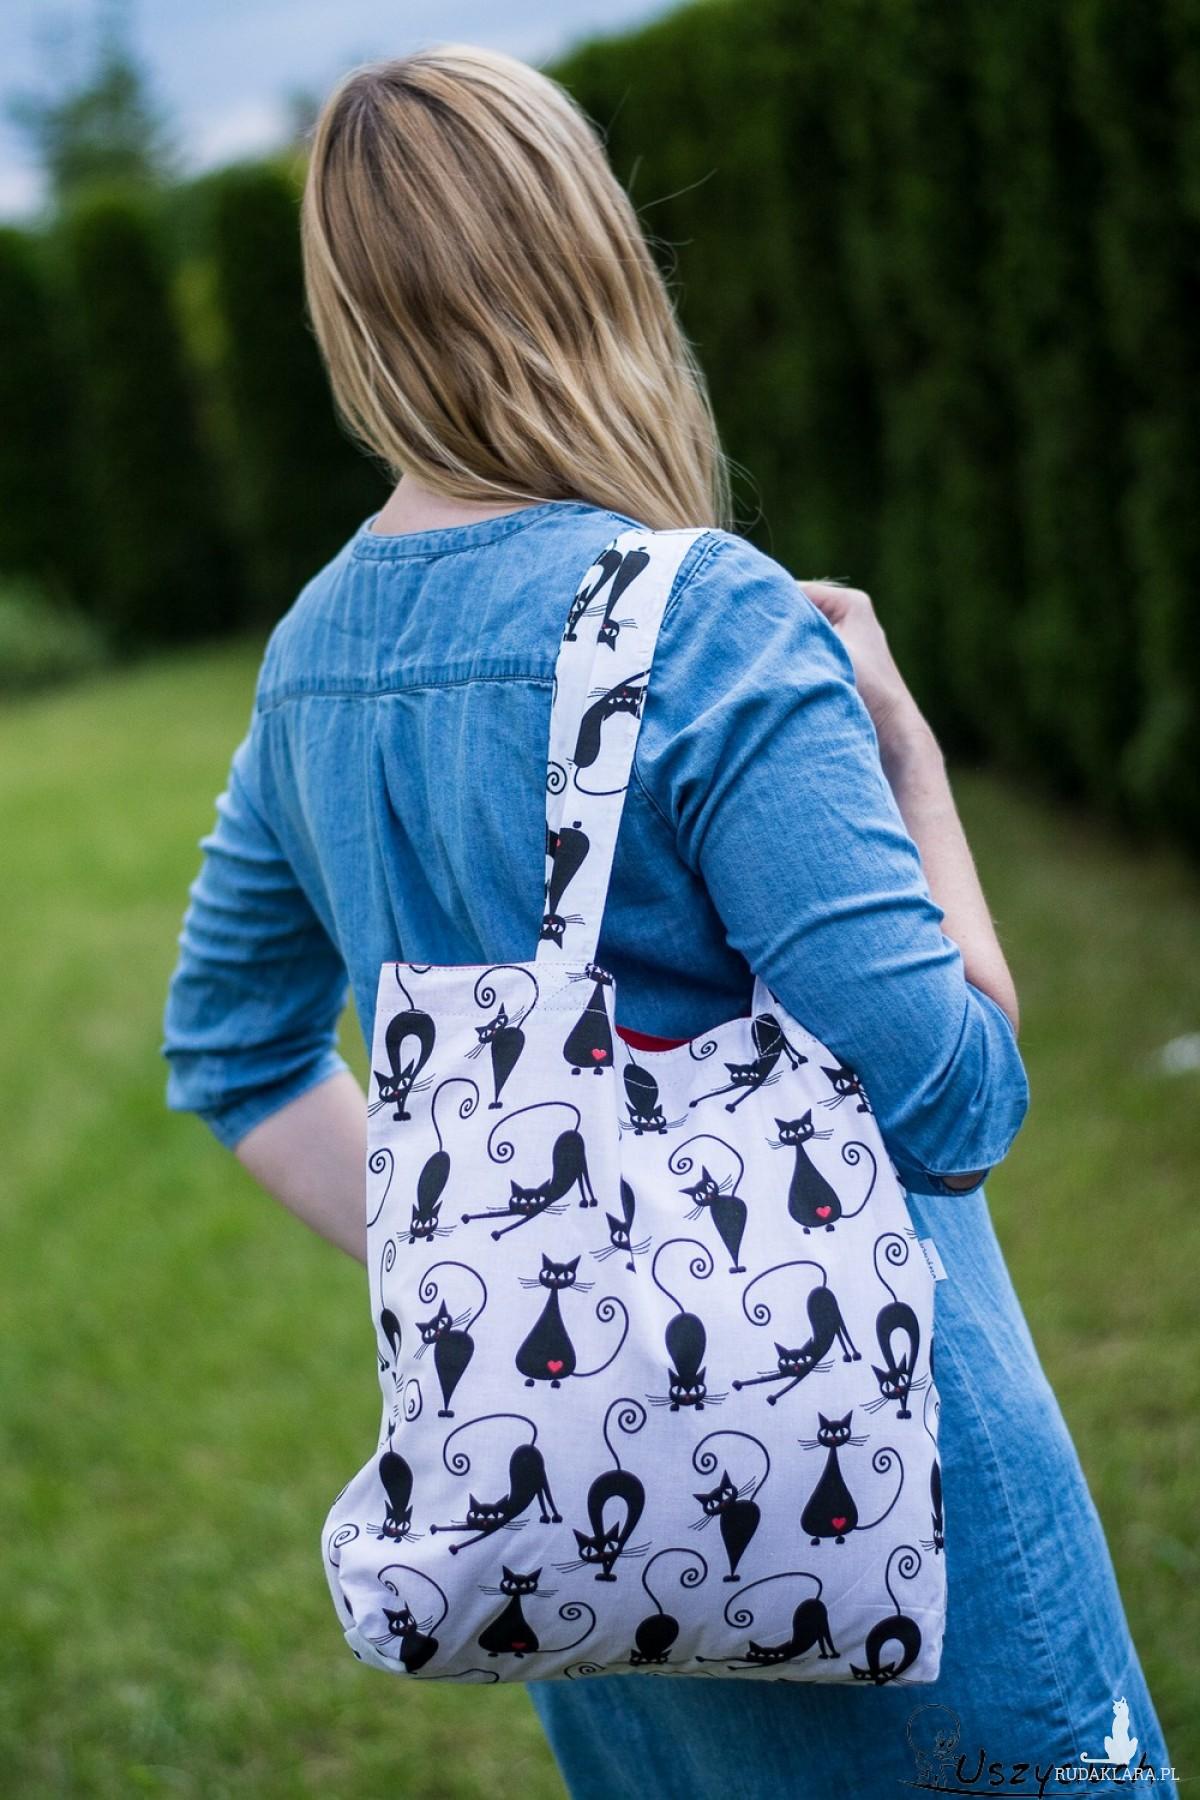 Torba na zakupy shopperka ekologiczna torba zakupowa na ramię eko siatka panda